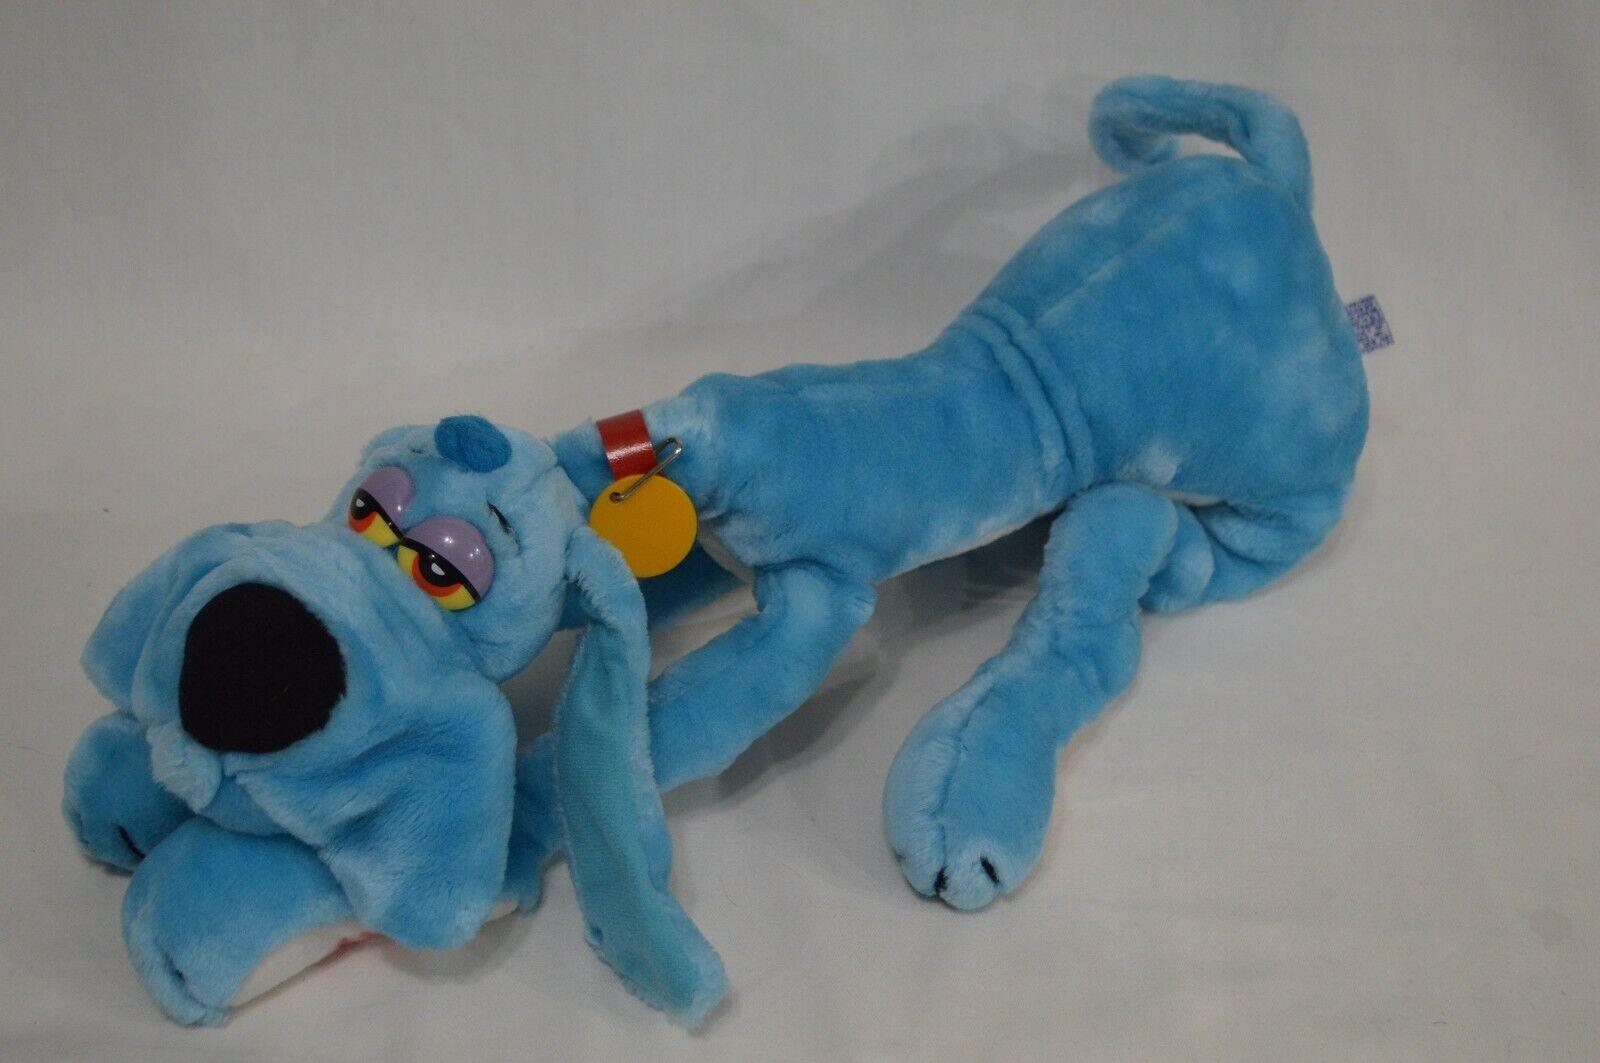 Vintage 1984 Dakin 20  Plush FOOFUR Cartoon Dog Blau Stuffed Animal Toy Mendez